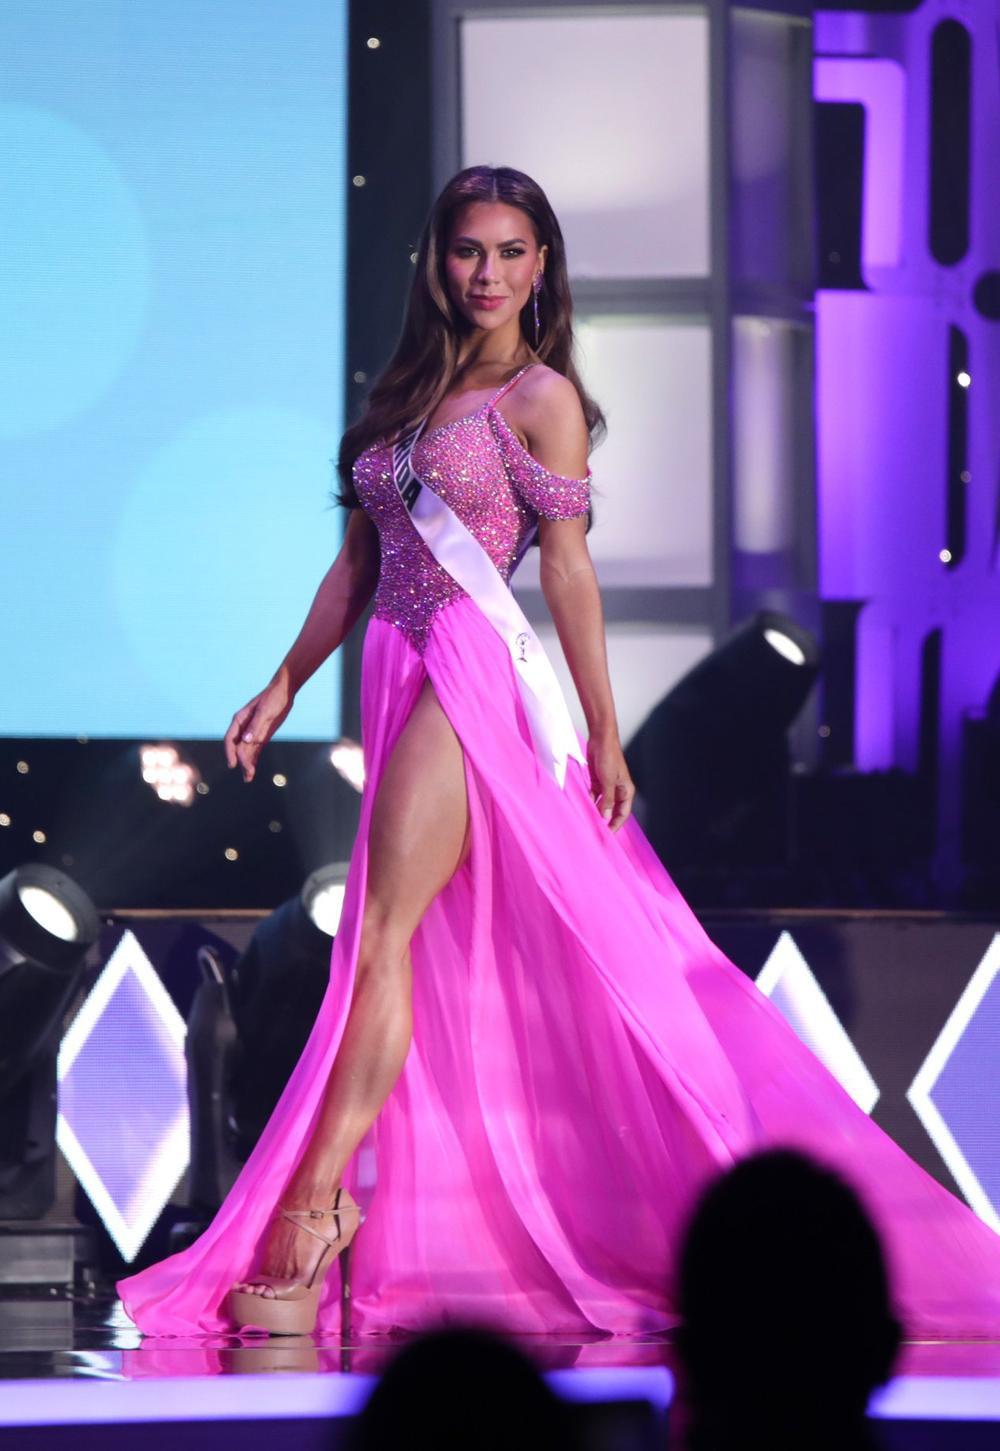 Thí sinh Miss USA mặc lạc quẻ giống Kiều Loan, đạo nhái váy Hoàng Thùy trong phần thi dạ hội Ảnh 10